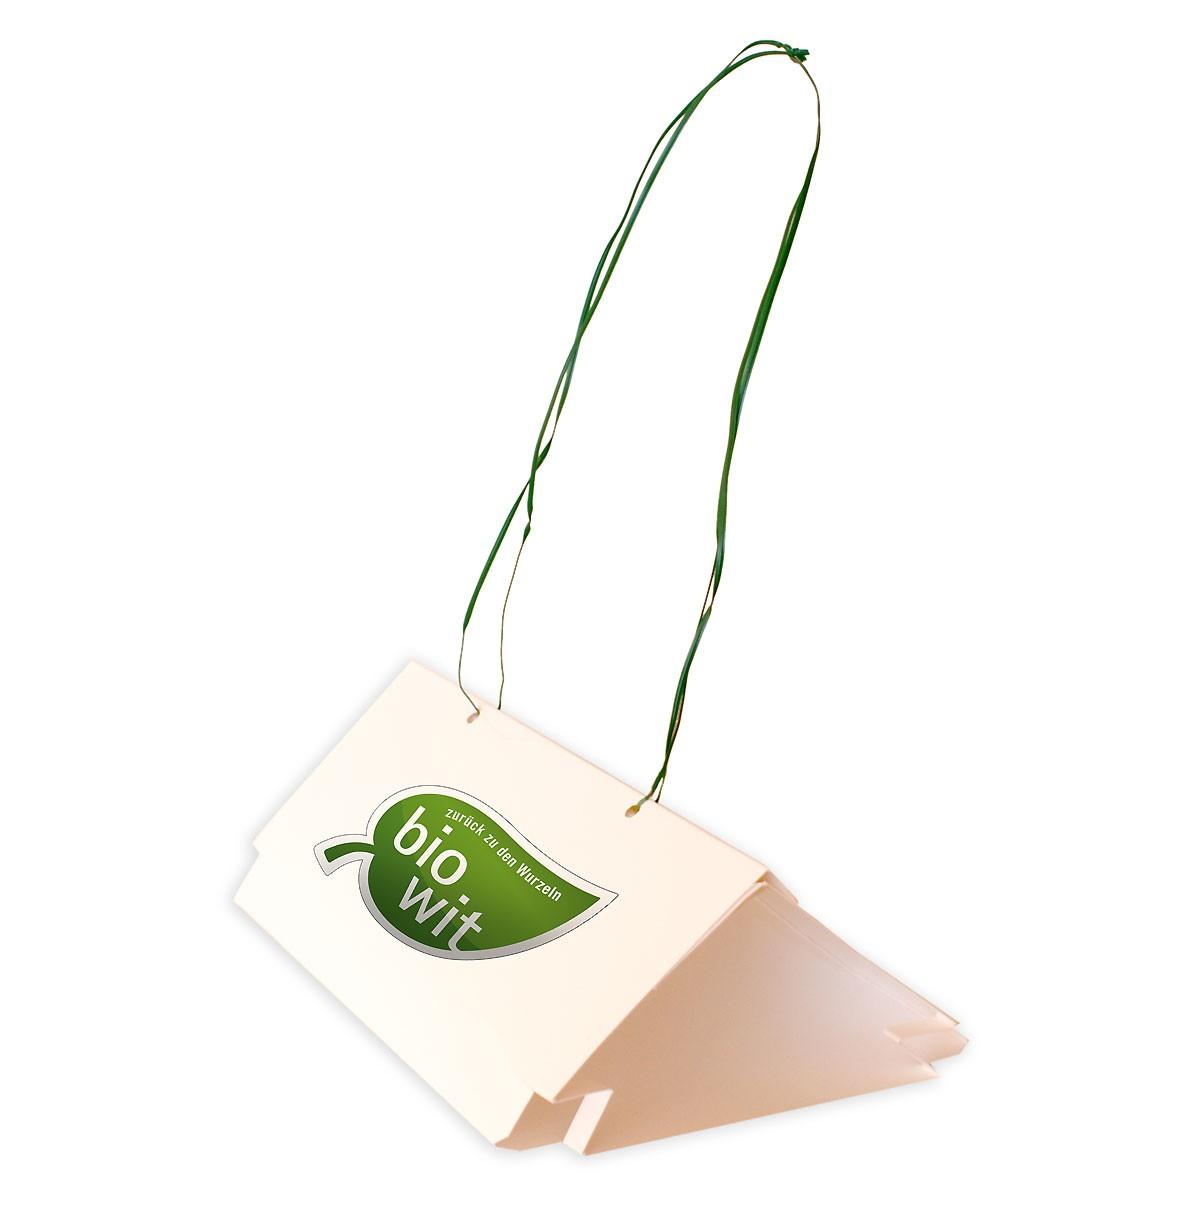 Klebeböden für WitaTrap® Delta super - Packung mit 2 Stück